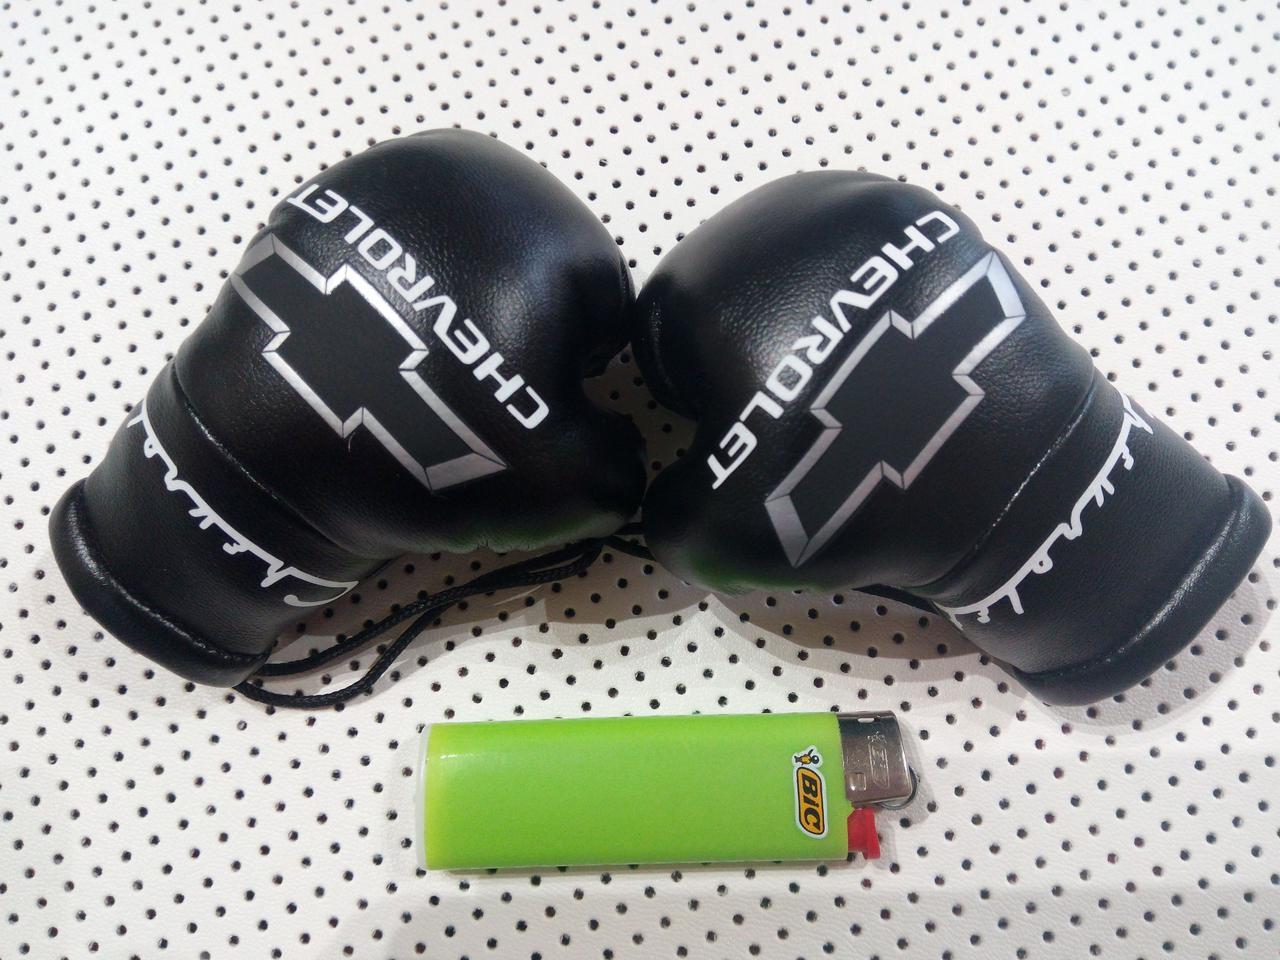 Підвіска боксерські рукавички Авто подарунок Аксесуари на машину для чоловіків Подарунок в машину Шевроле